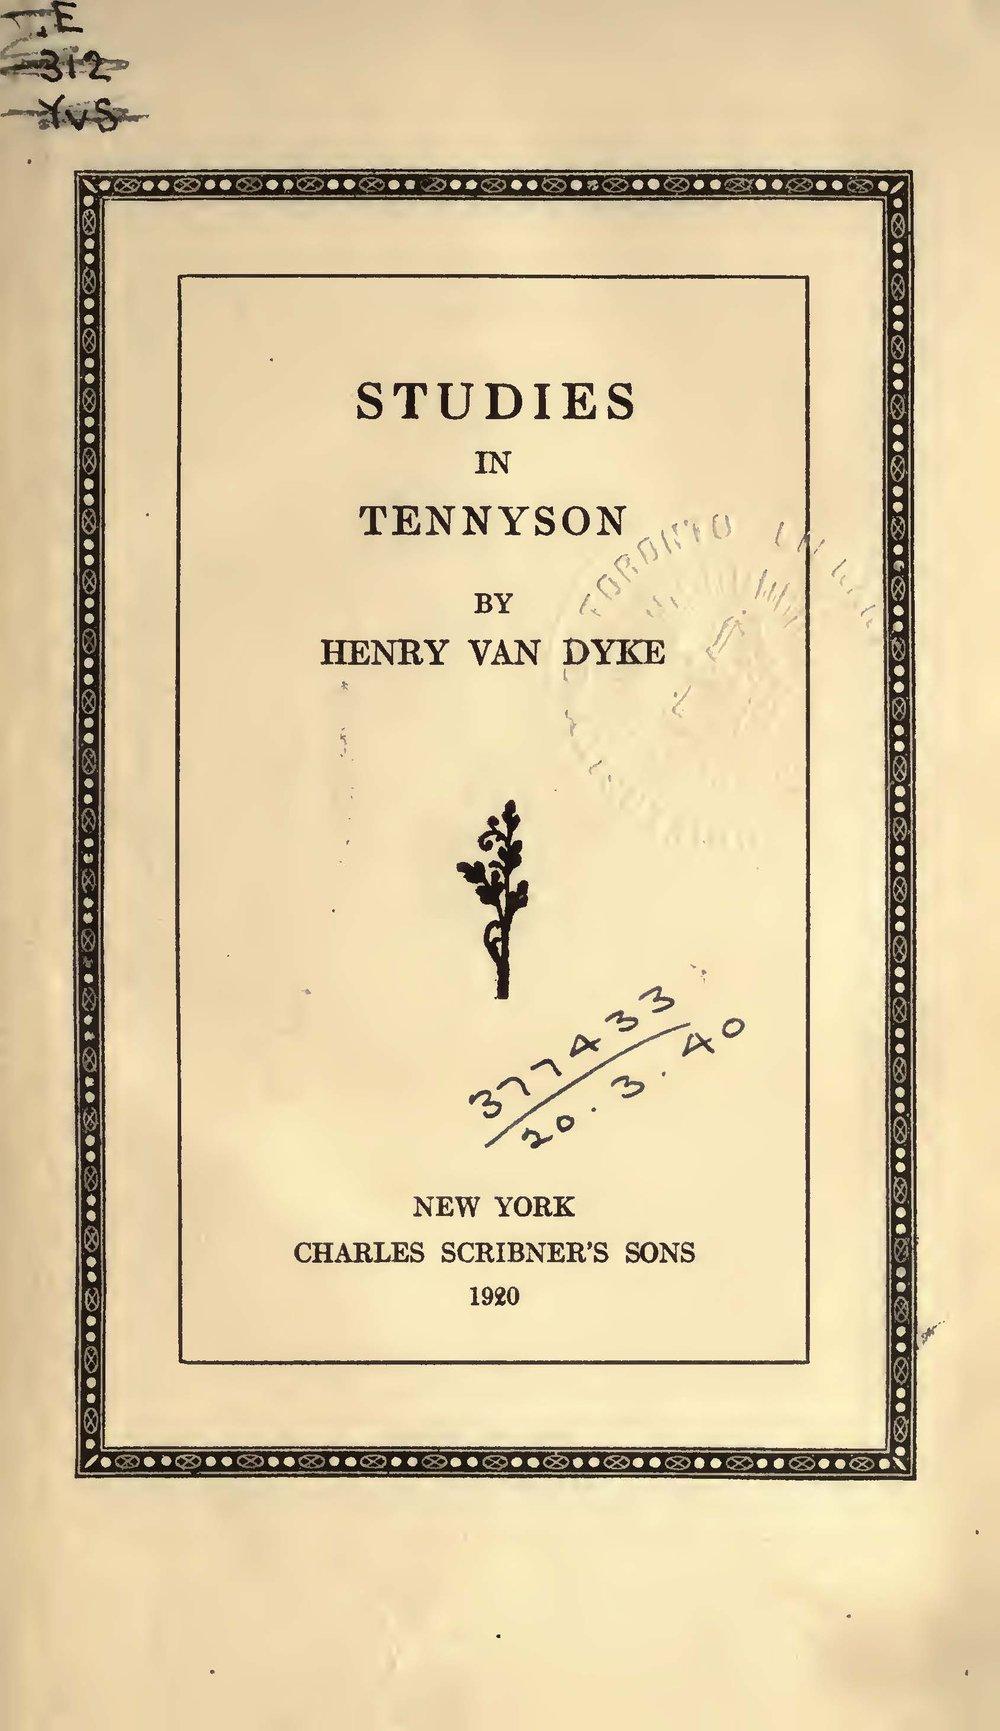 Van Dyke, Jr., Henry, Studies in Tennyson Title Page.jpg